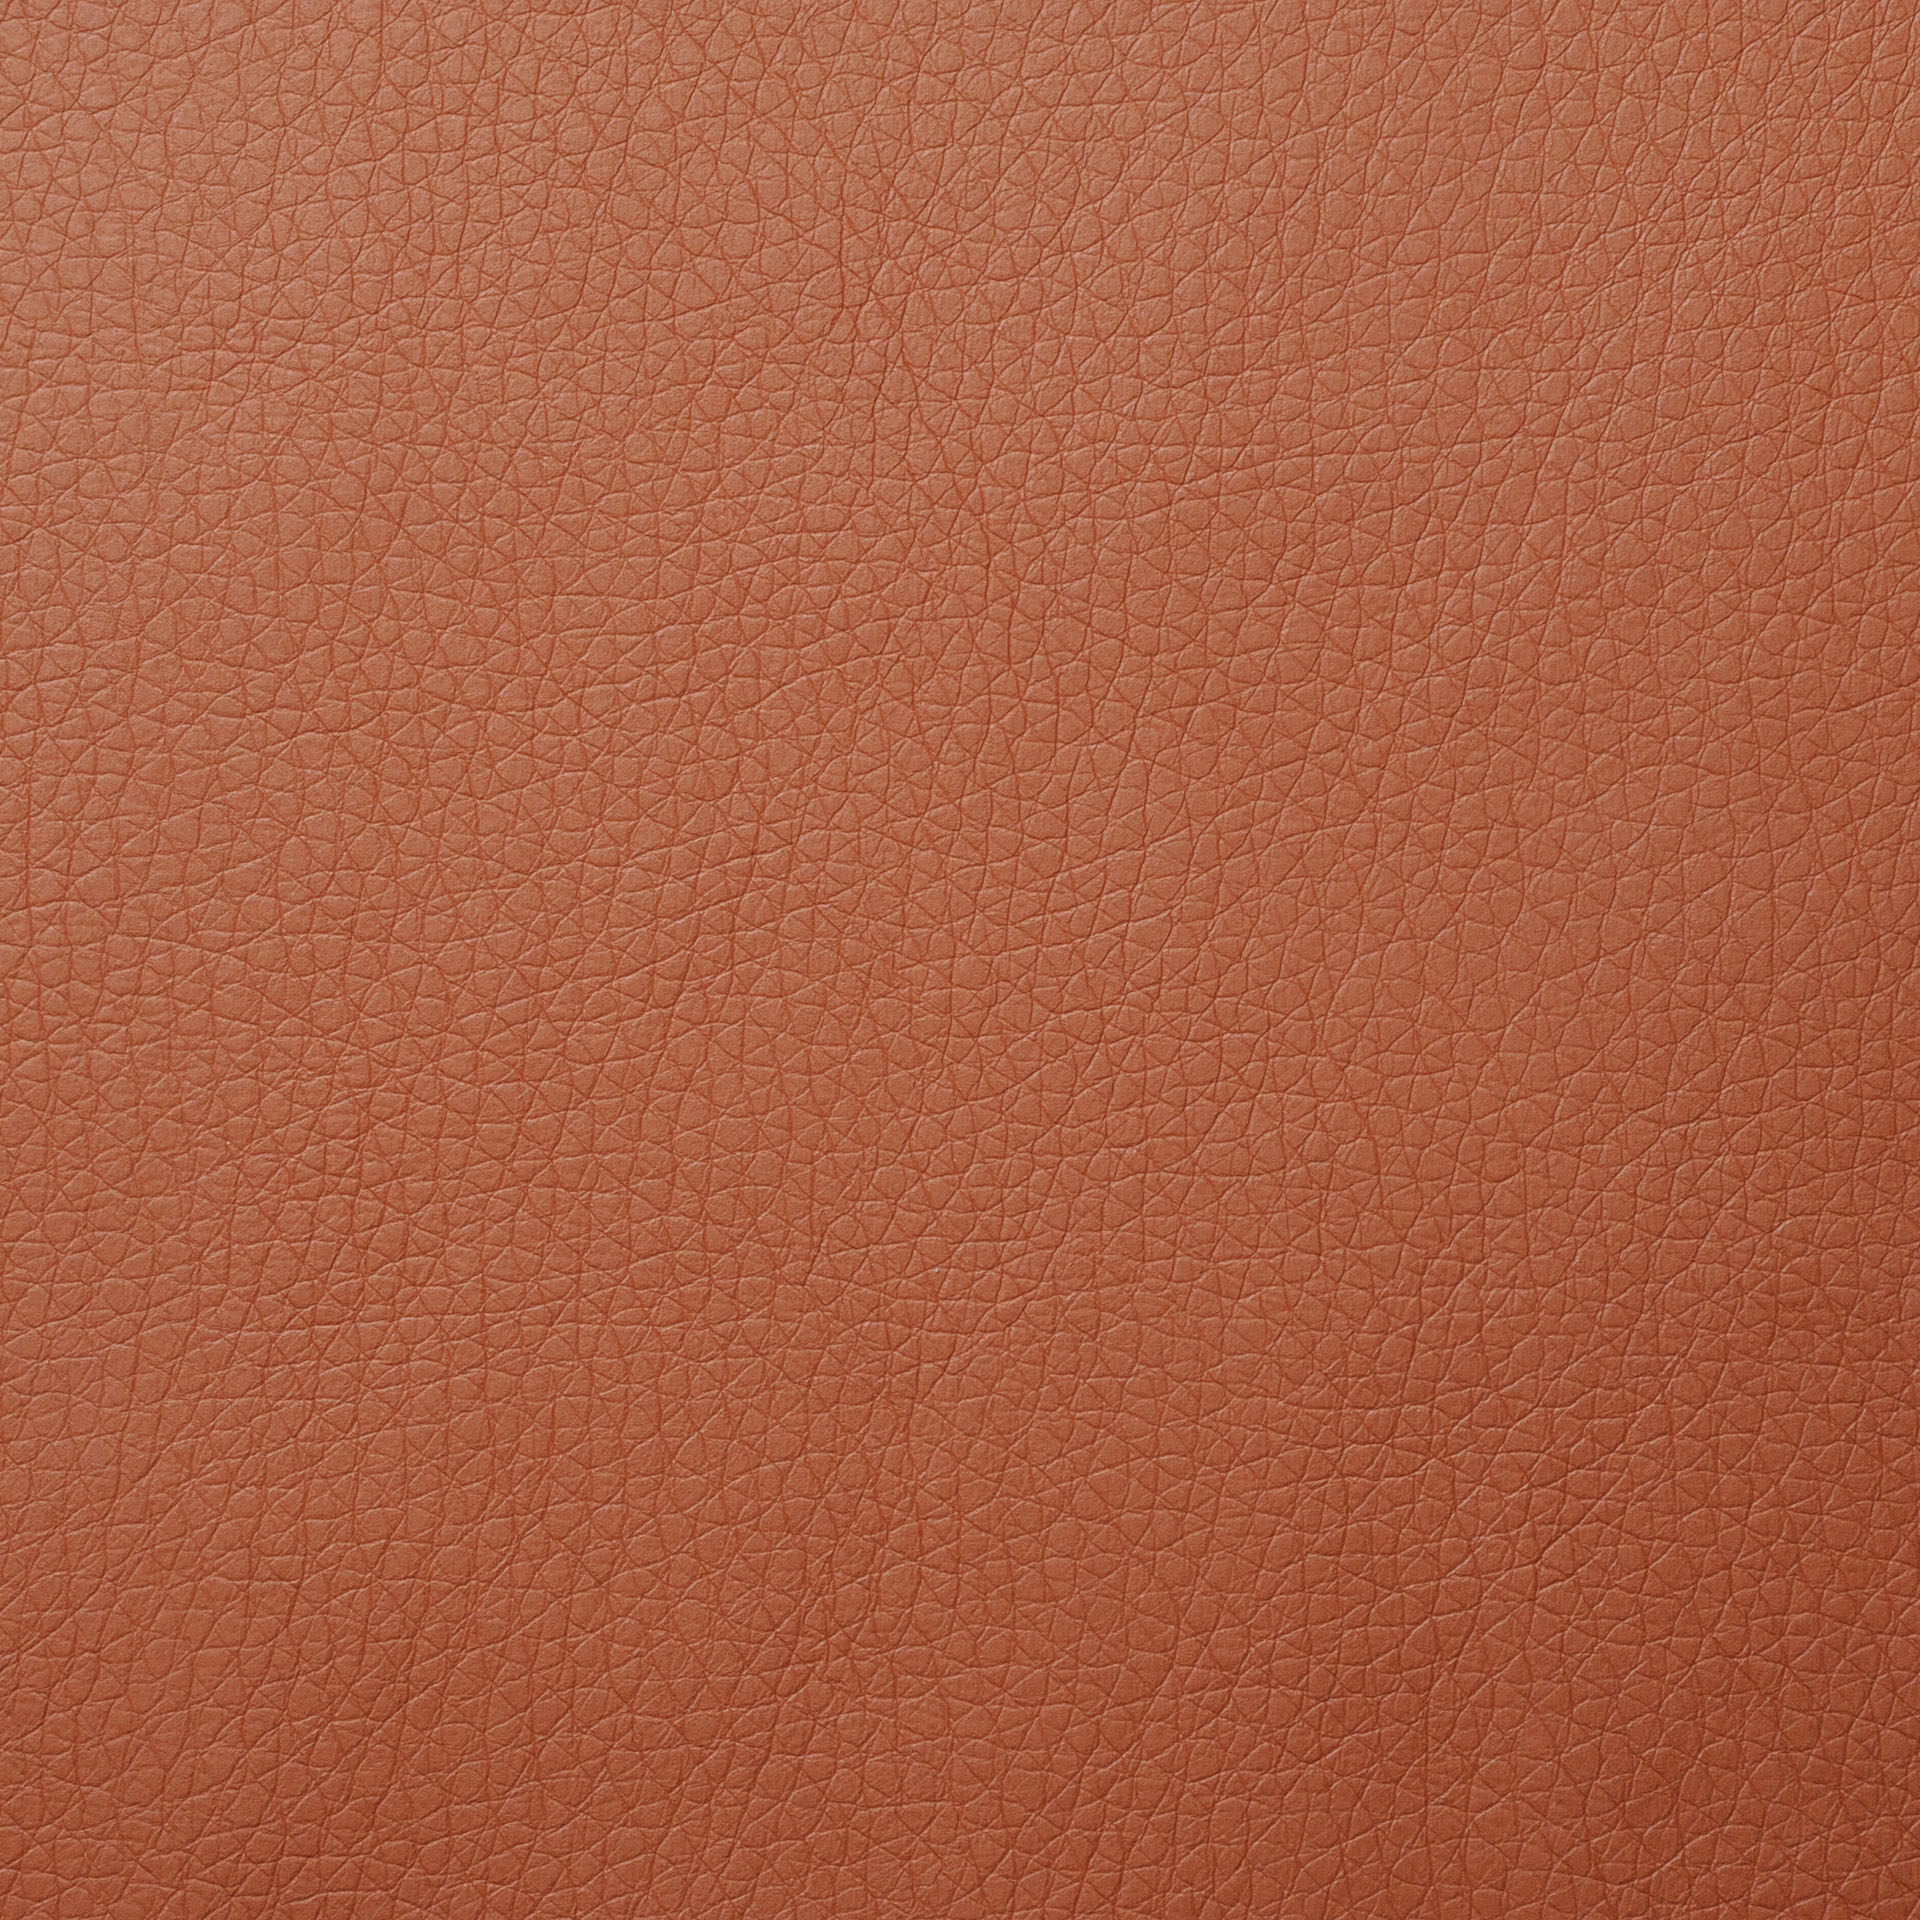 Коллекция ткани Флай 2212,  купить ткань Кож зам для мебели Украина